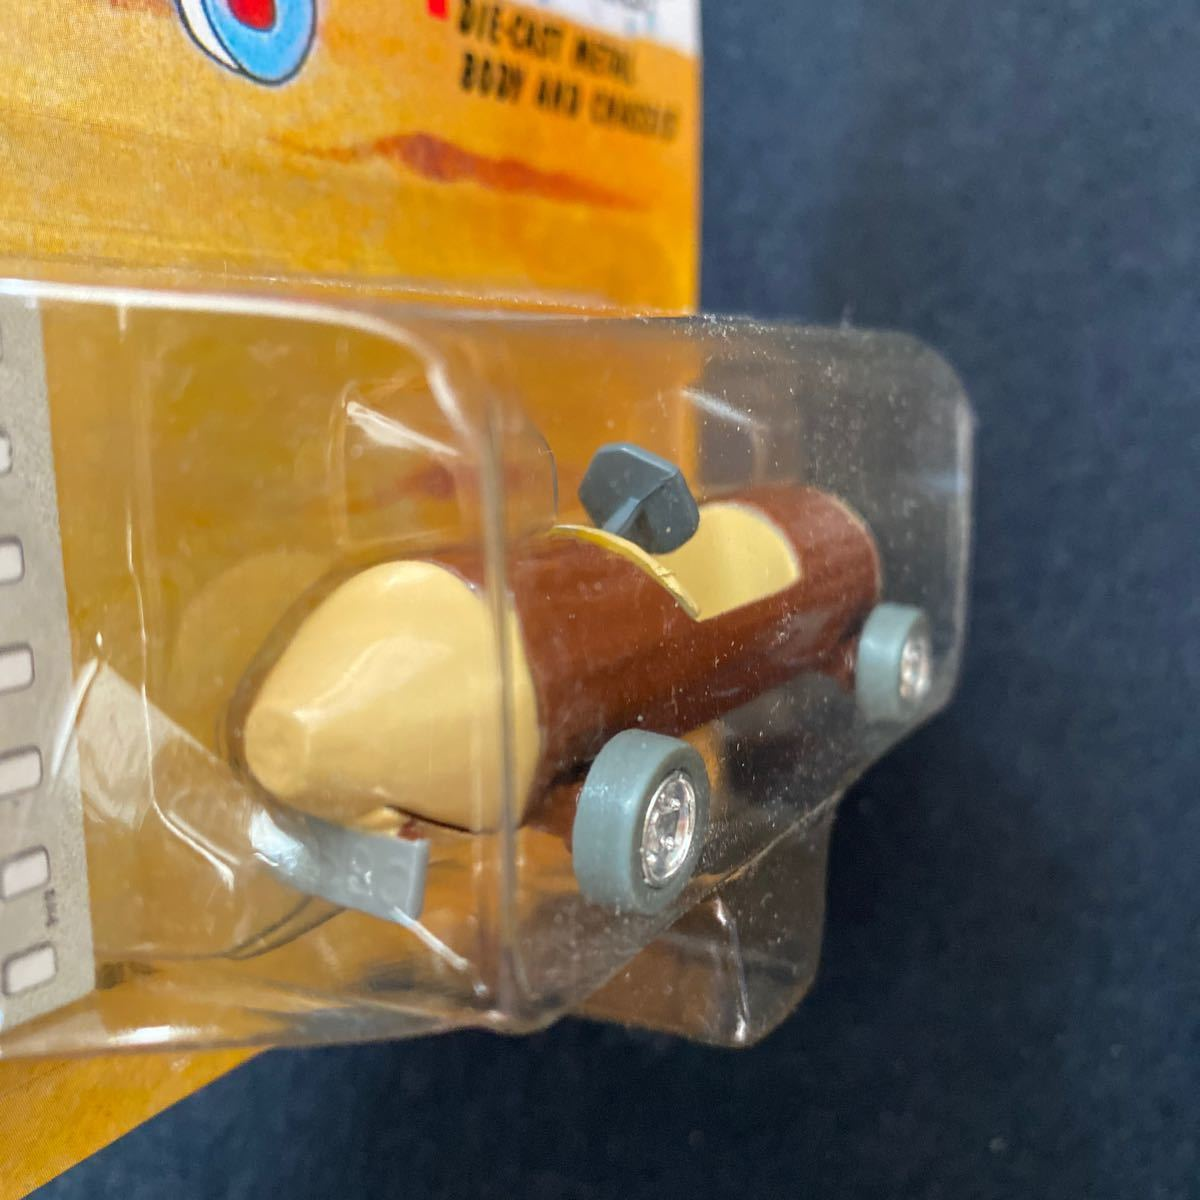 ジョニー ライトニング Johnny Lightning Cartoon Network Flintstones フリントストーンズ ミニカー アニメ カートゥーン アメリカ 漫画_画像3